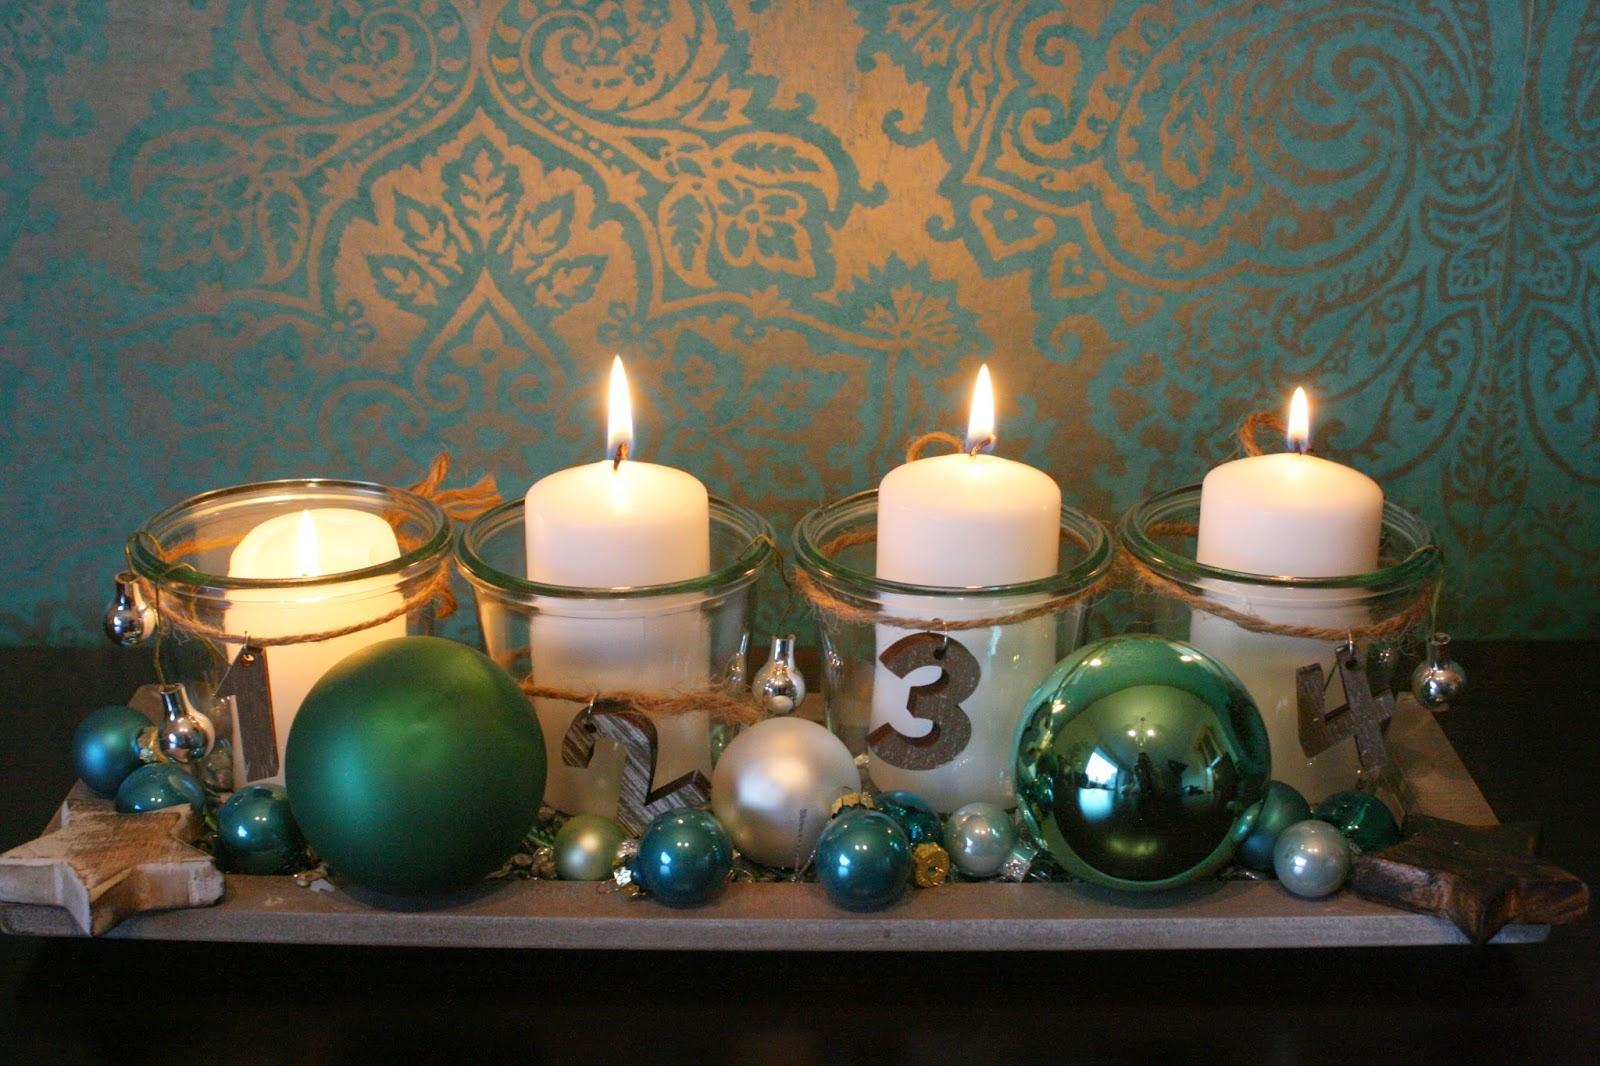 4. Adventsverlosung - Hautcreme von Beyer und Söhne